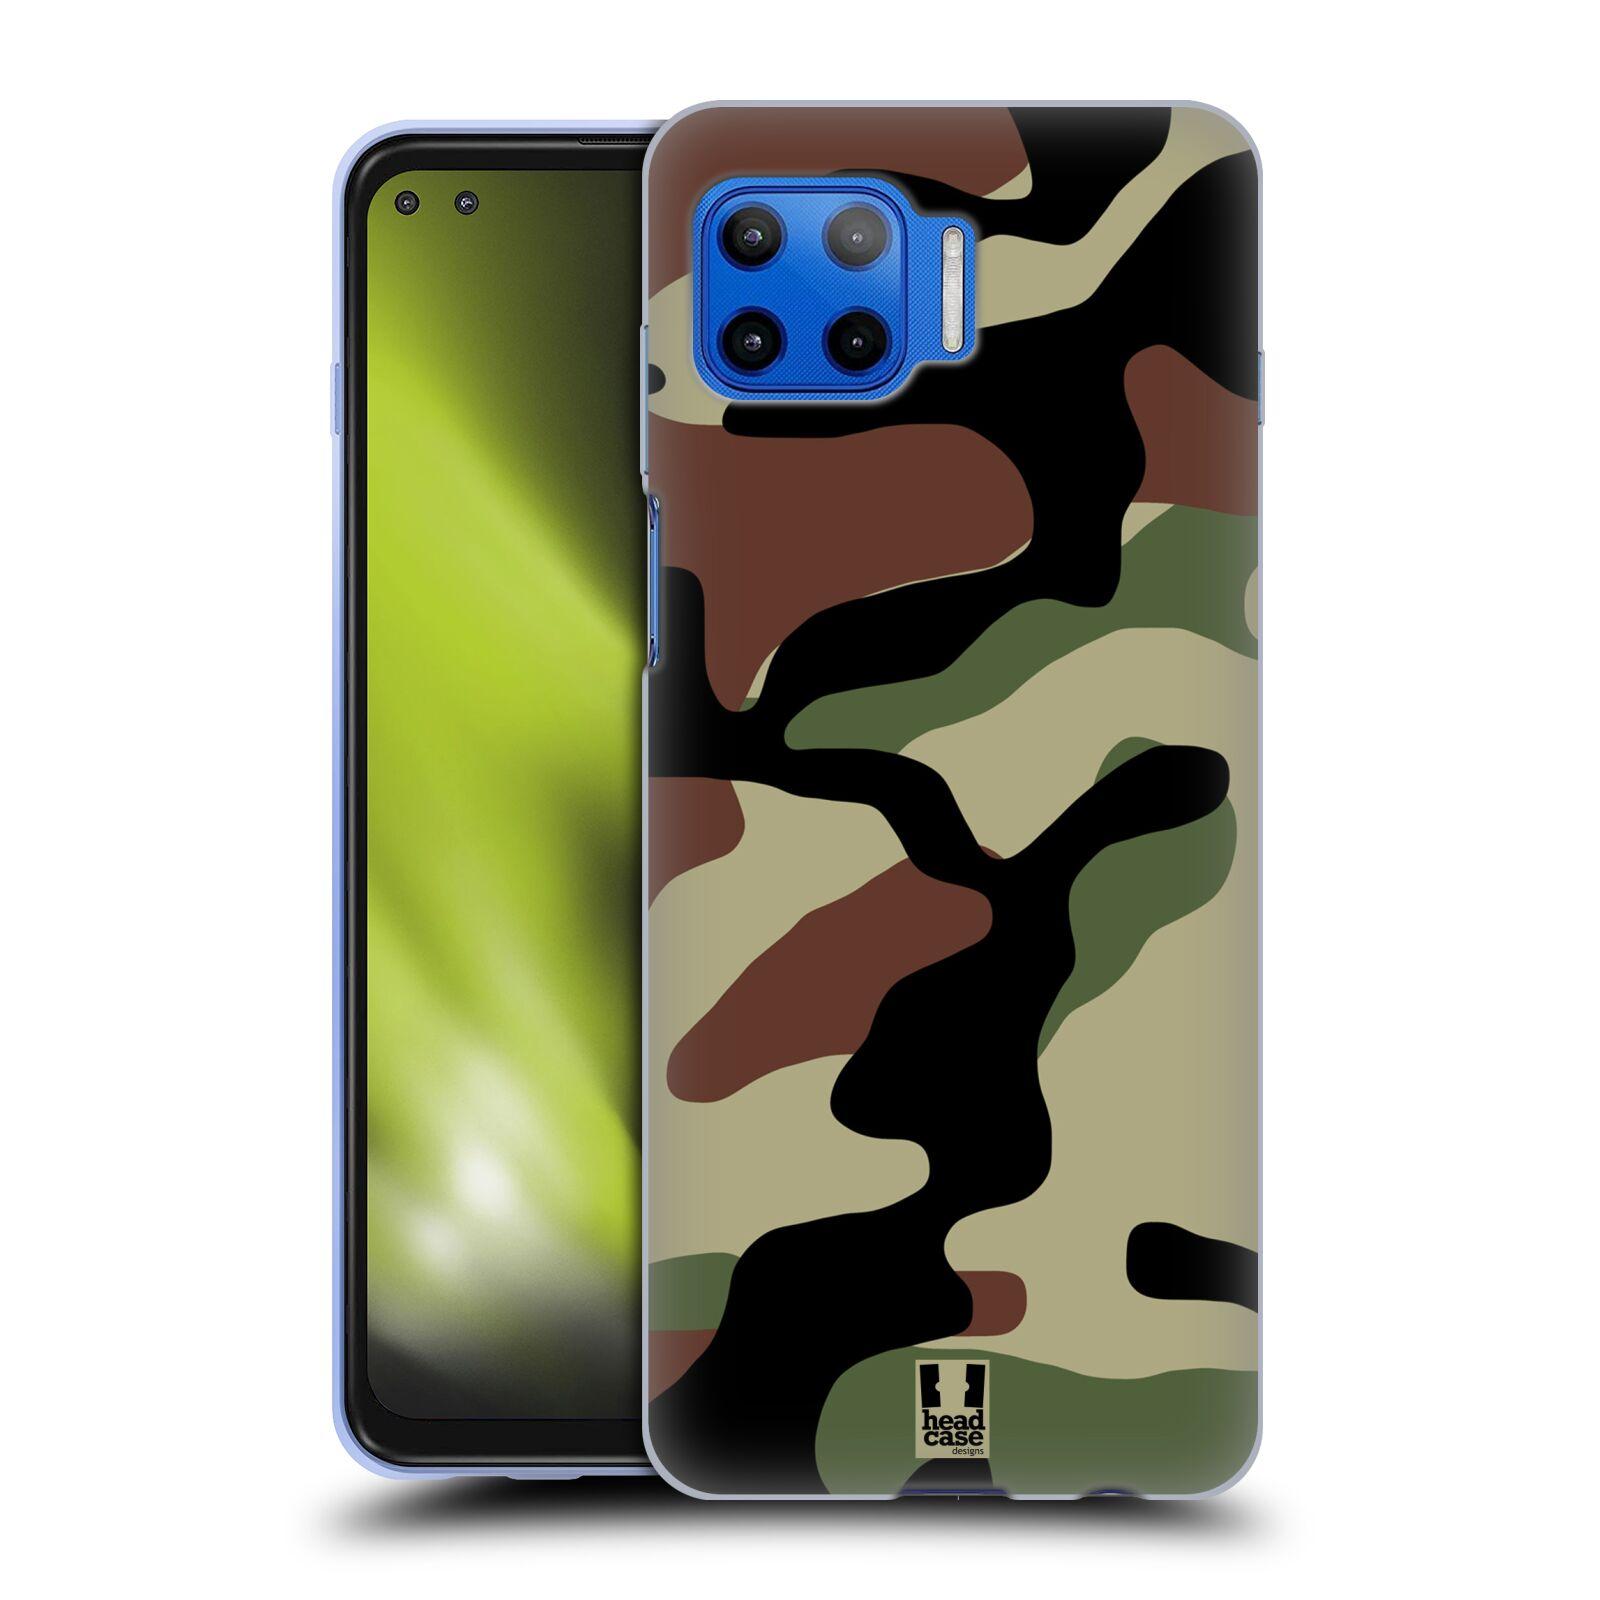 Silikonové pouzdro na mobil Motorola Moto G 5G Plus - Head Case - Maskáče